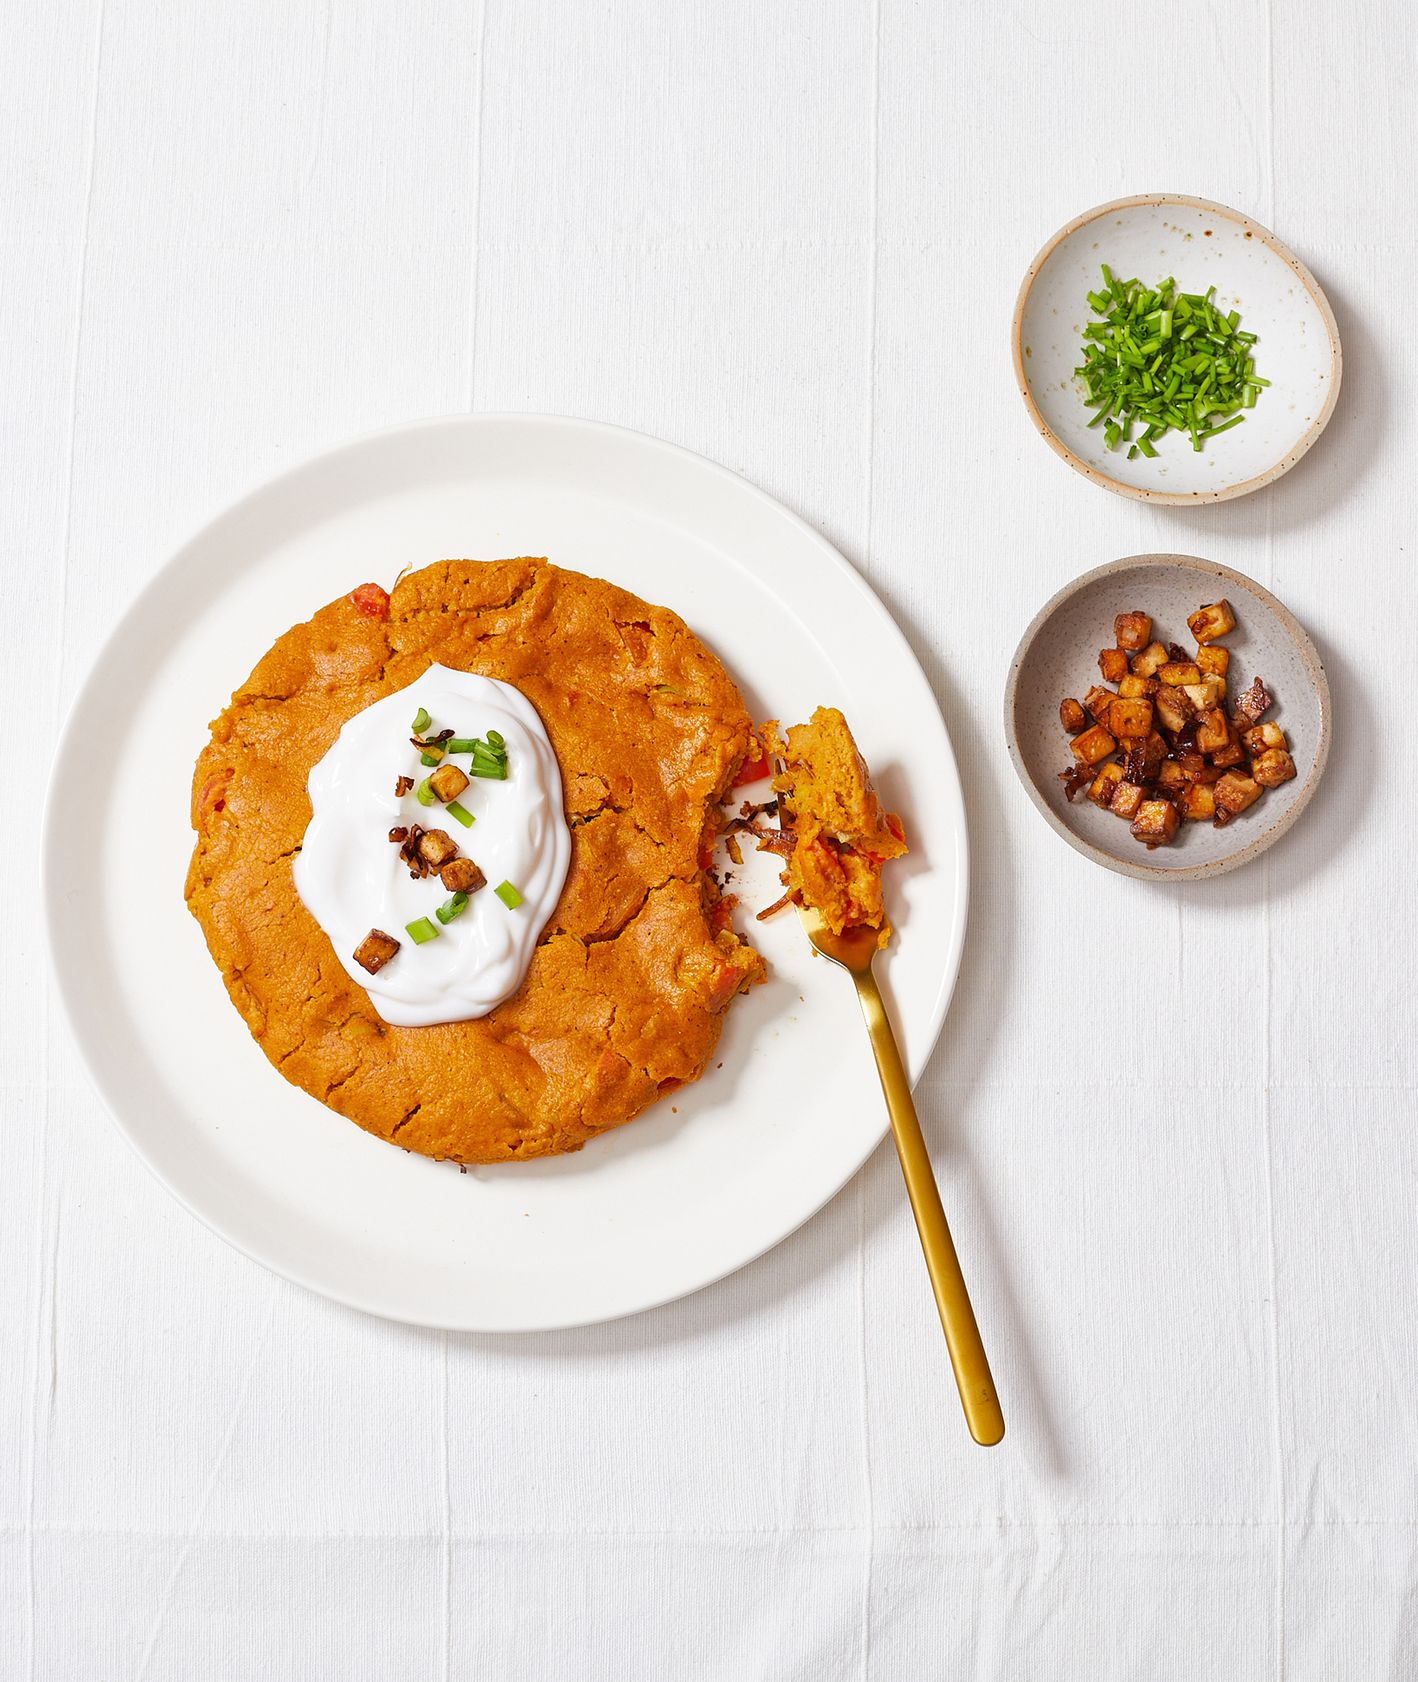 Jak zrobić wegański omet. Przepis na wegański omlet z porem,  pomidorami i tofu (fot. Maciek Niemojewski)